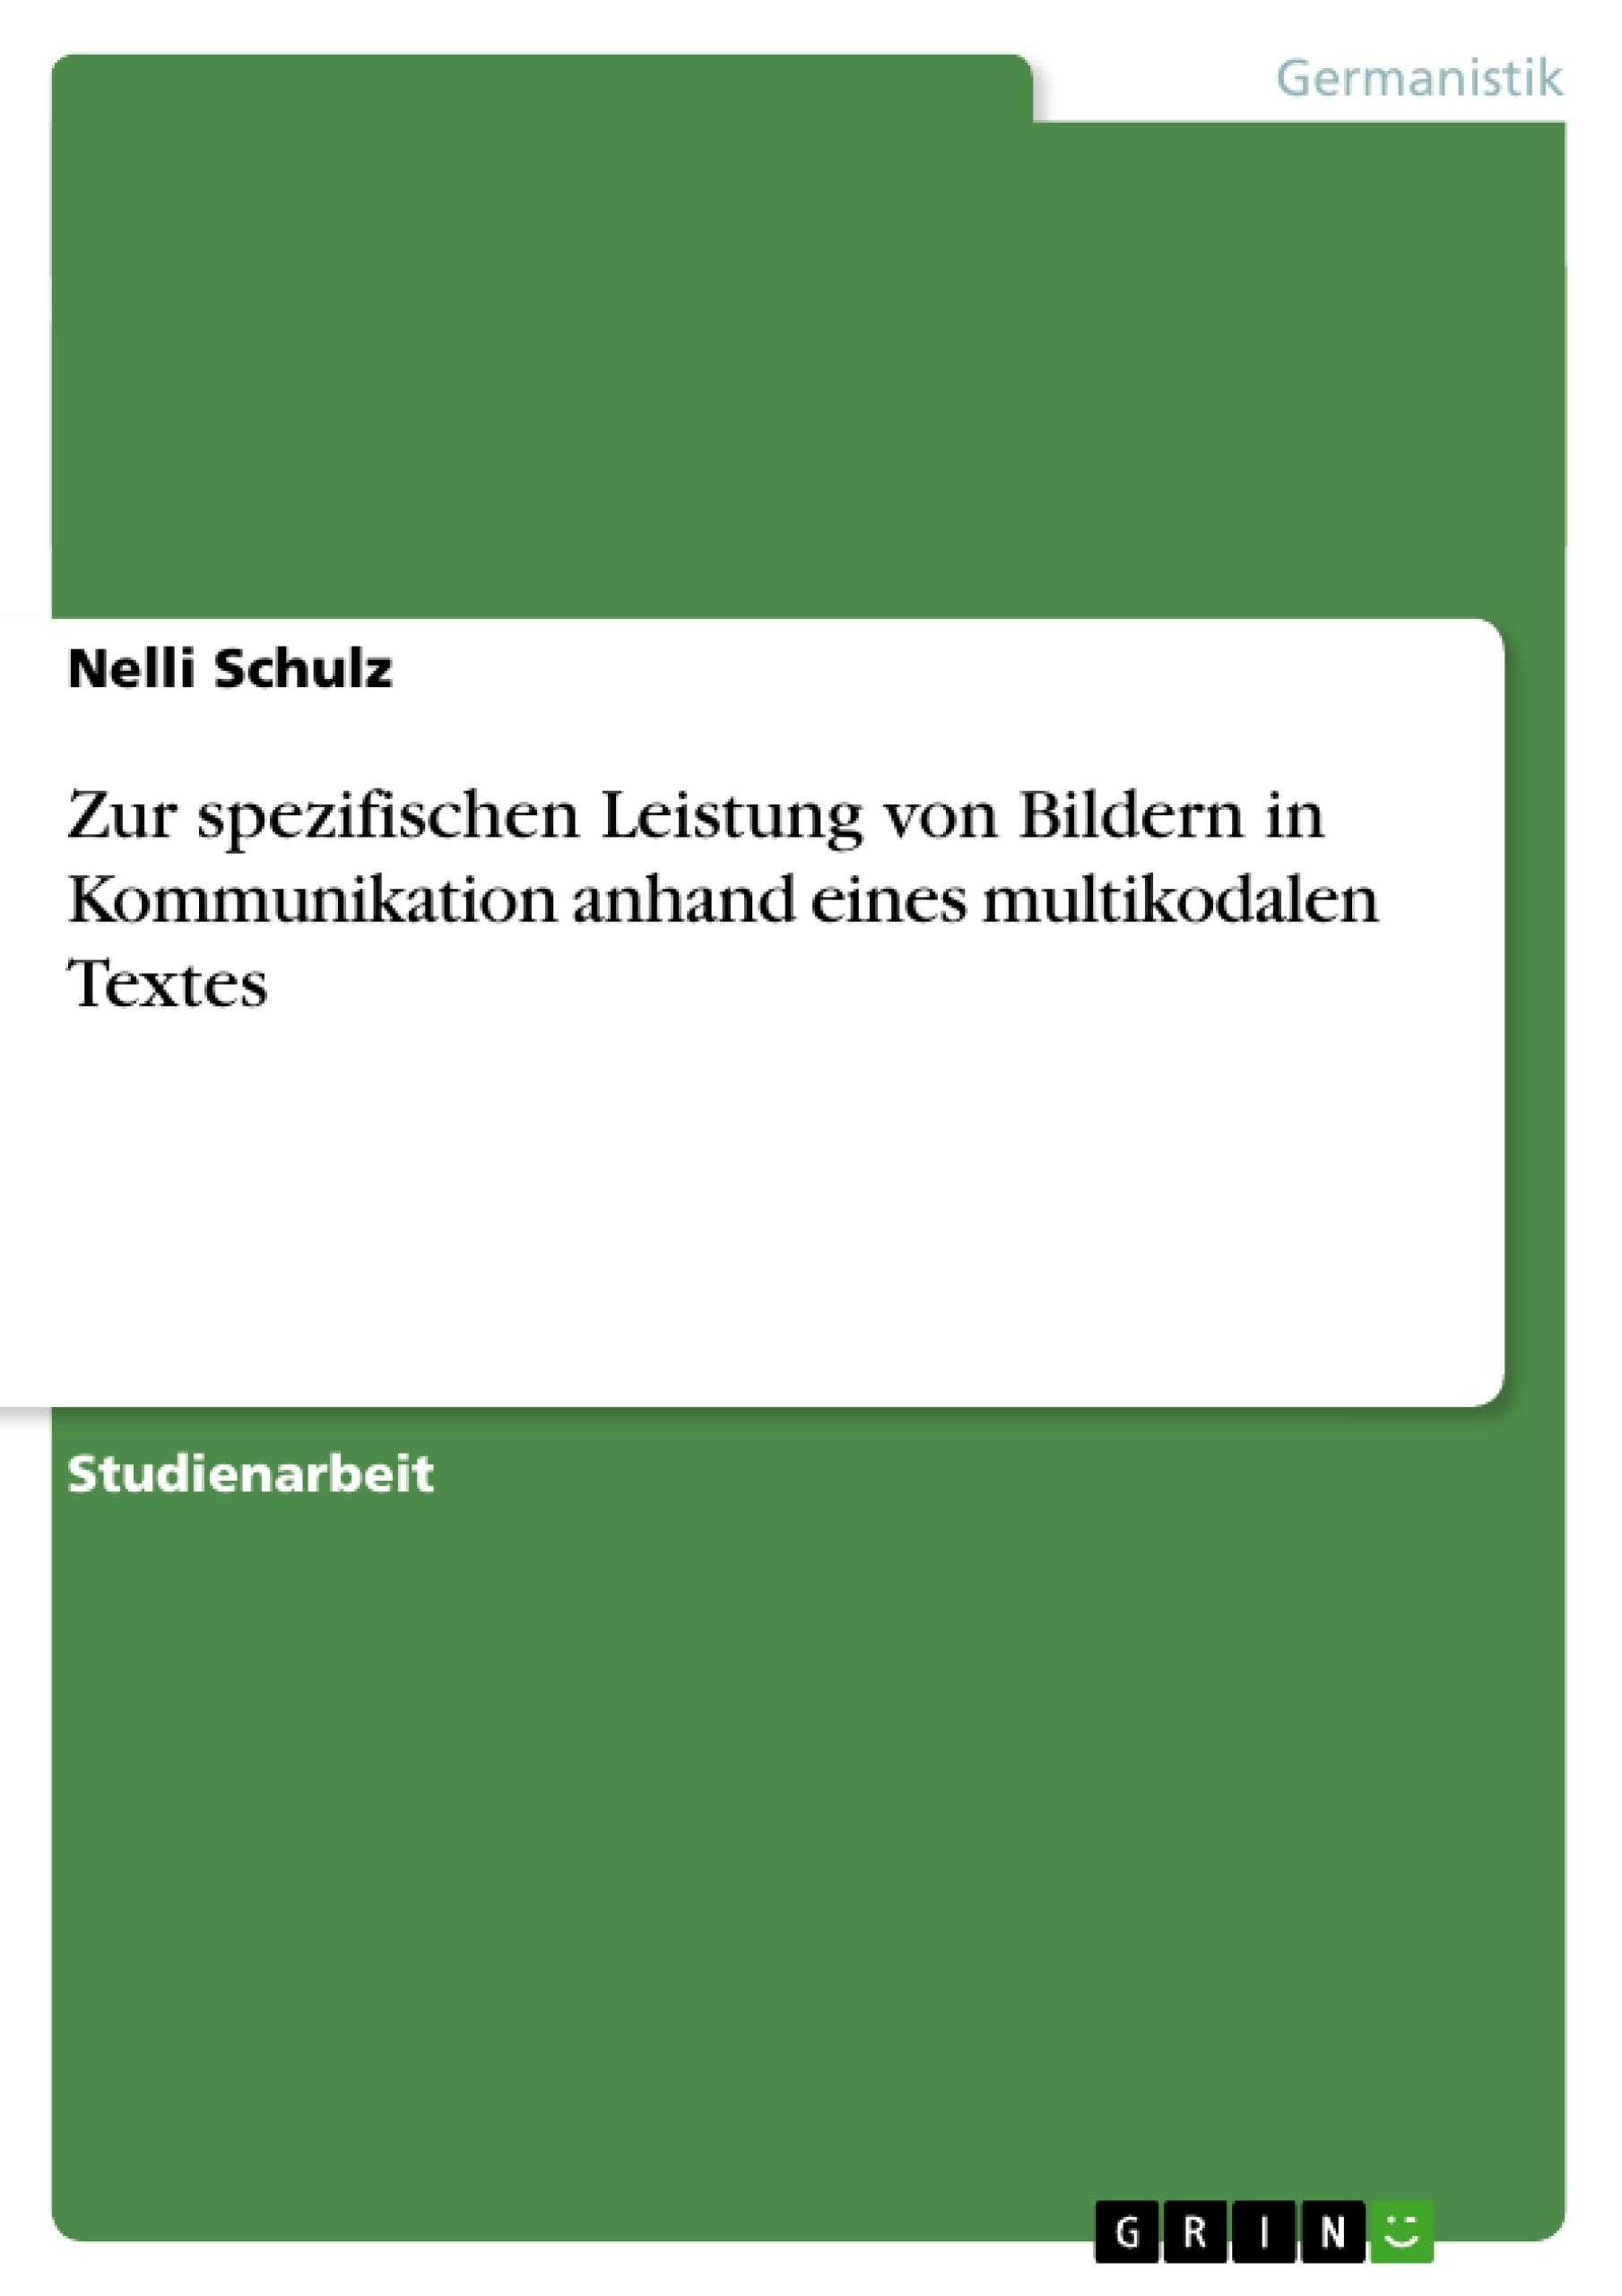 Titel: Zur spezifischen Leistung von Bildern in Kommunikation anhand eines multikodalen Textes